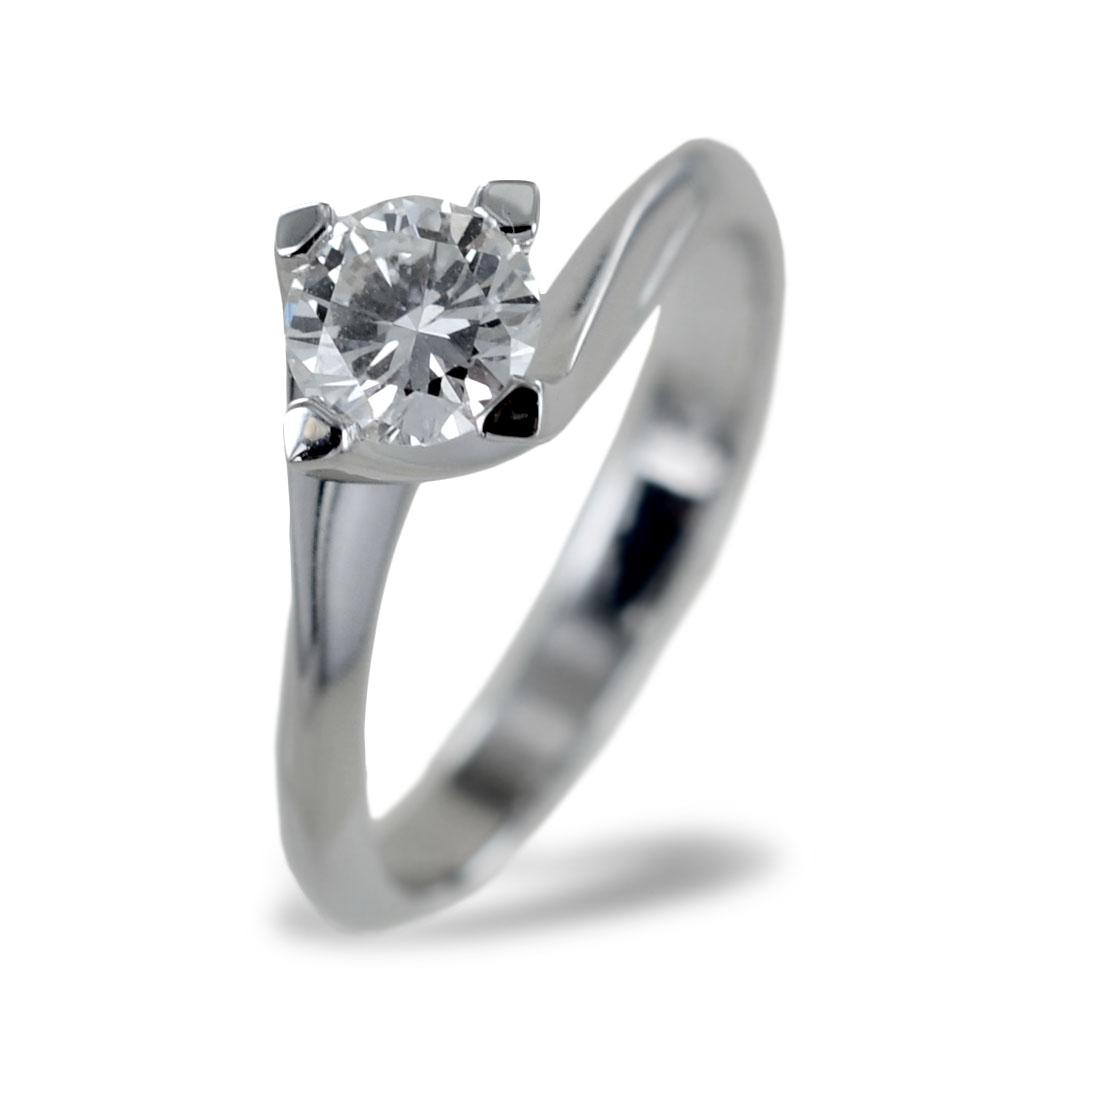 Anello Solitario grande Valentine con mezzo carato di diamante 0.65 carati